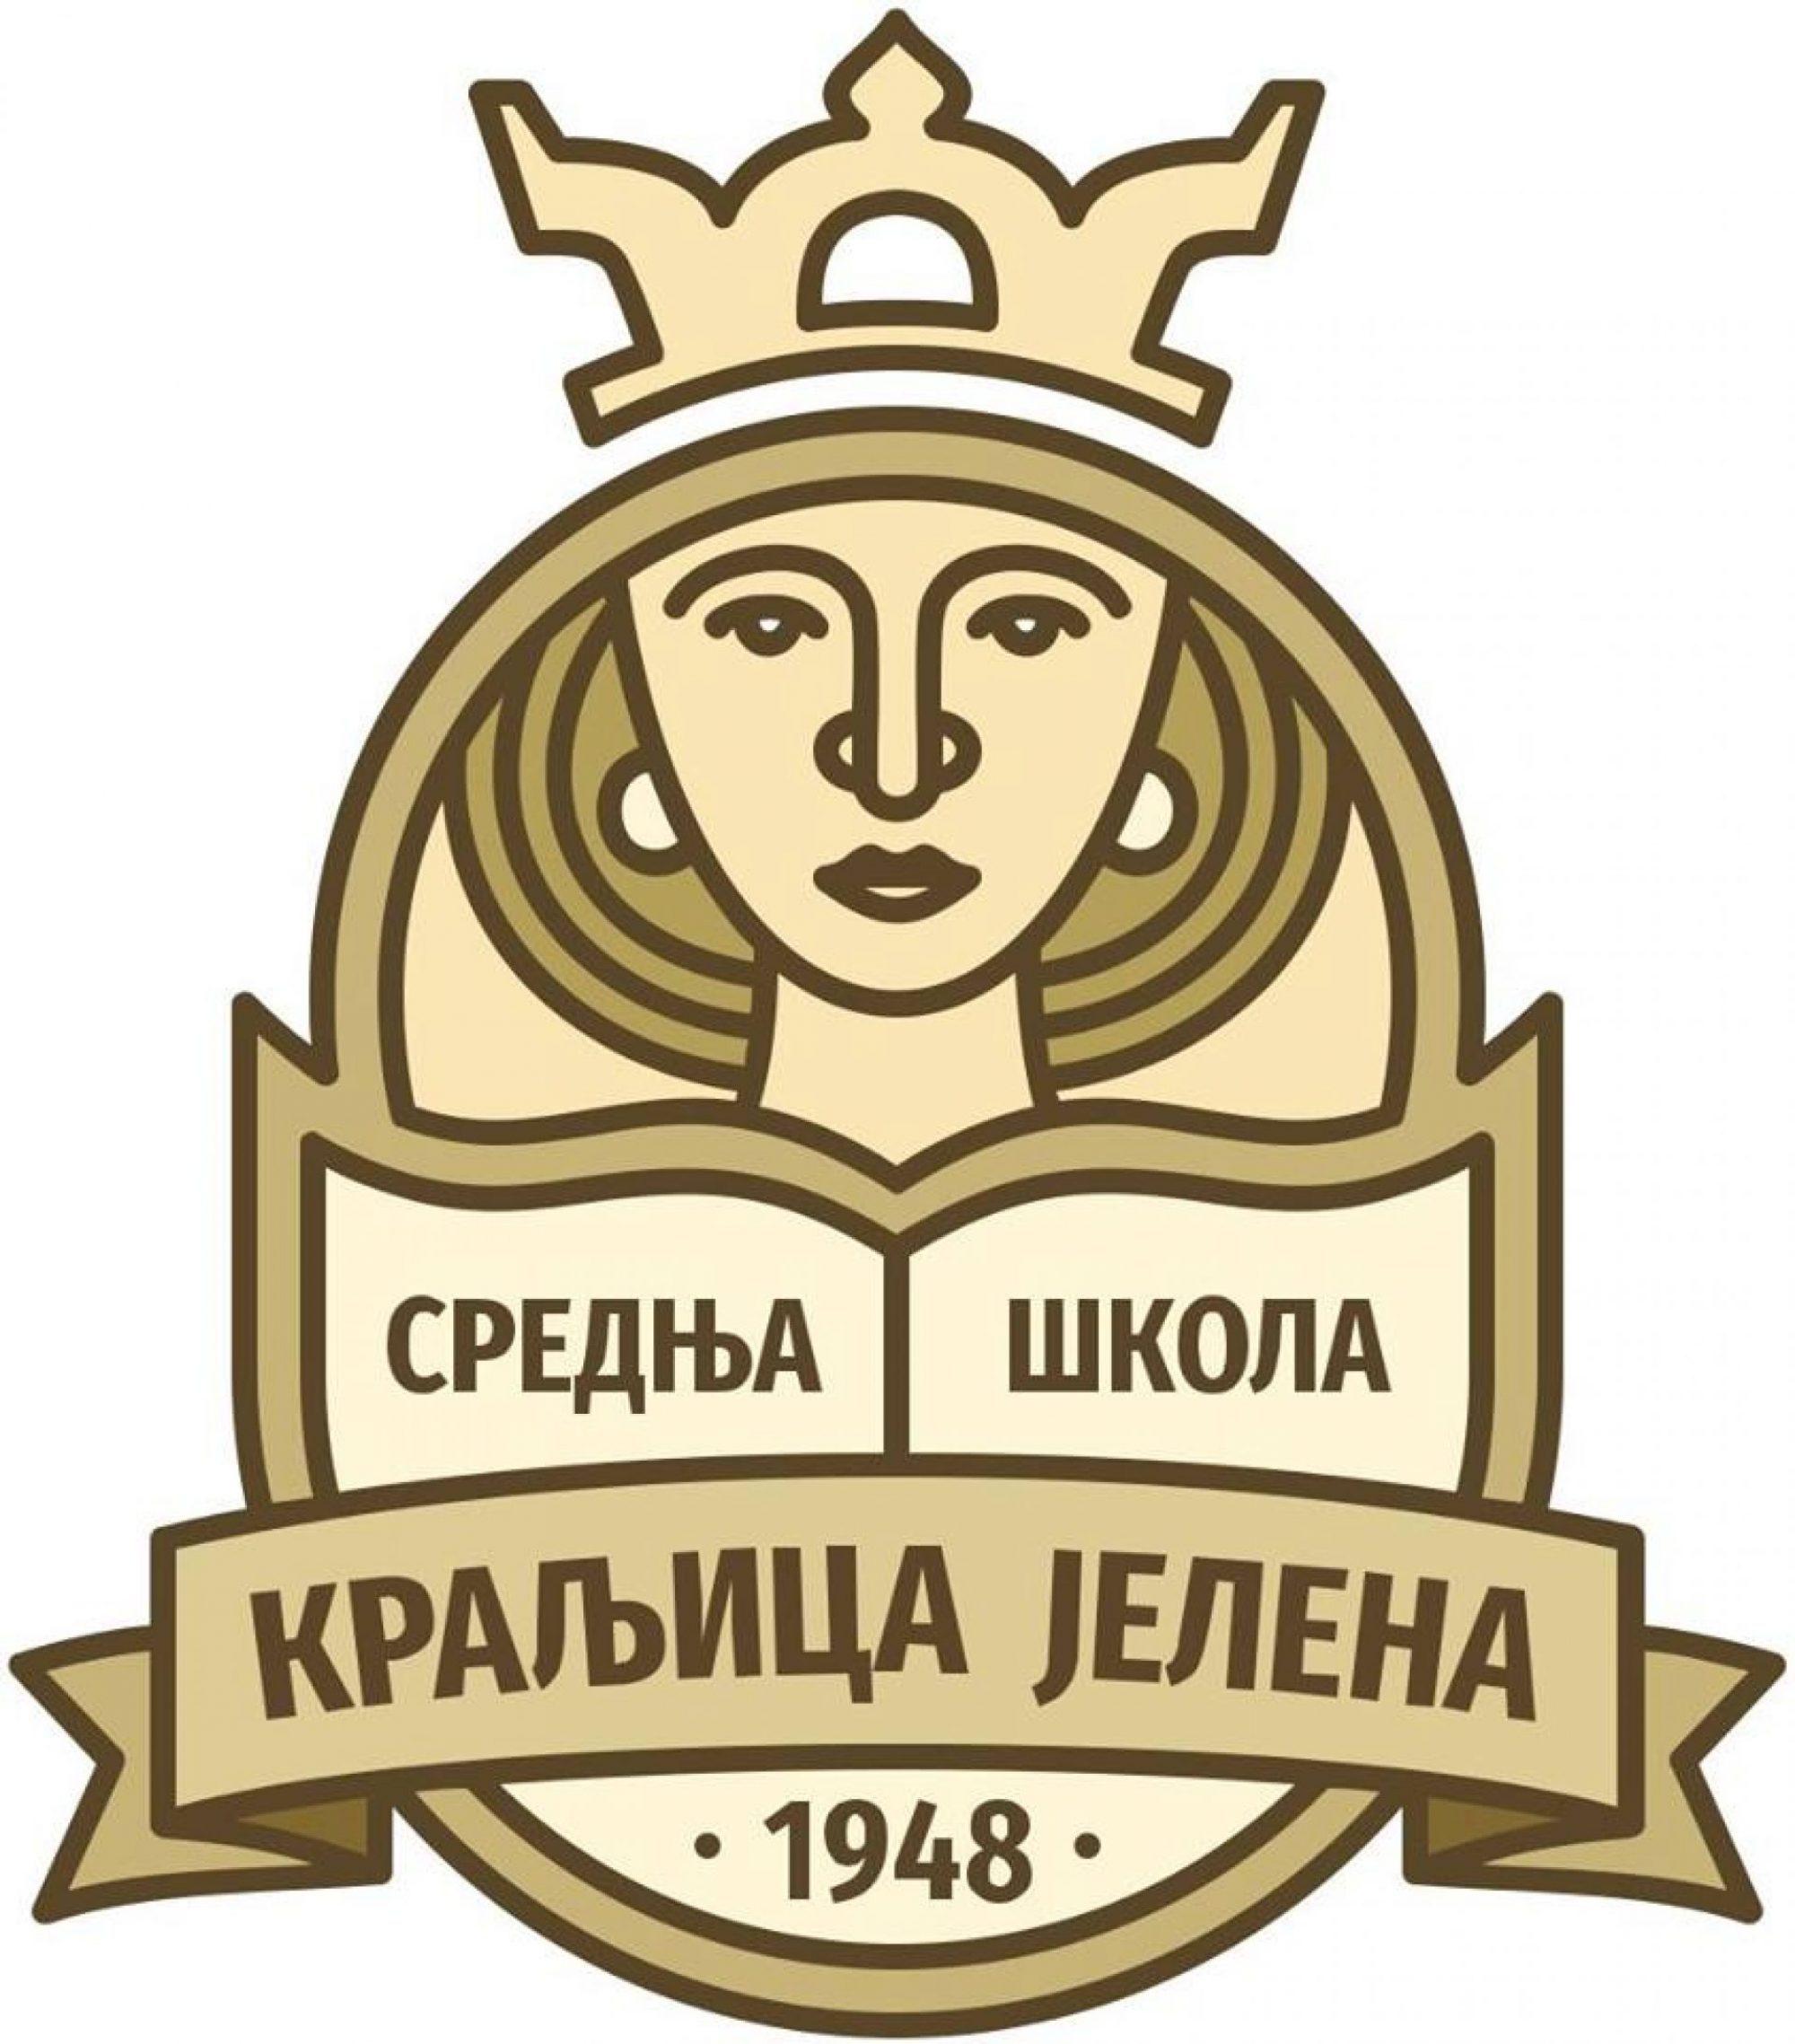 """Средња школа """"Краљица Јелена"""""""